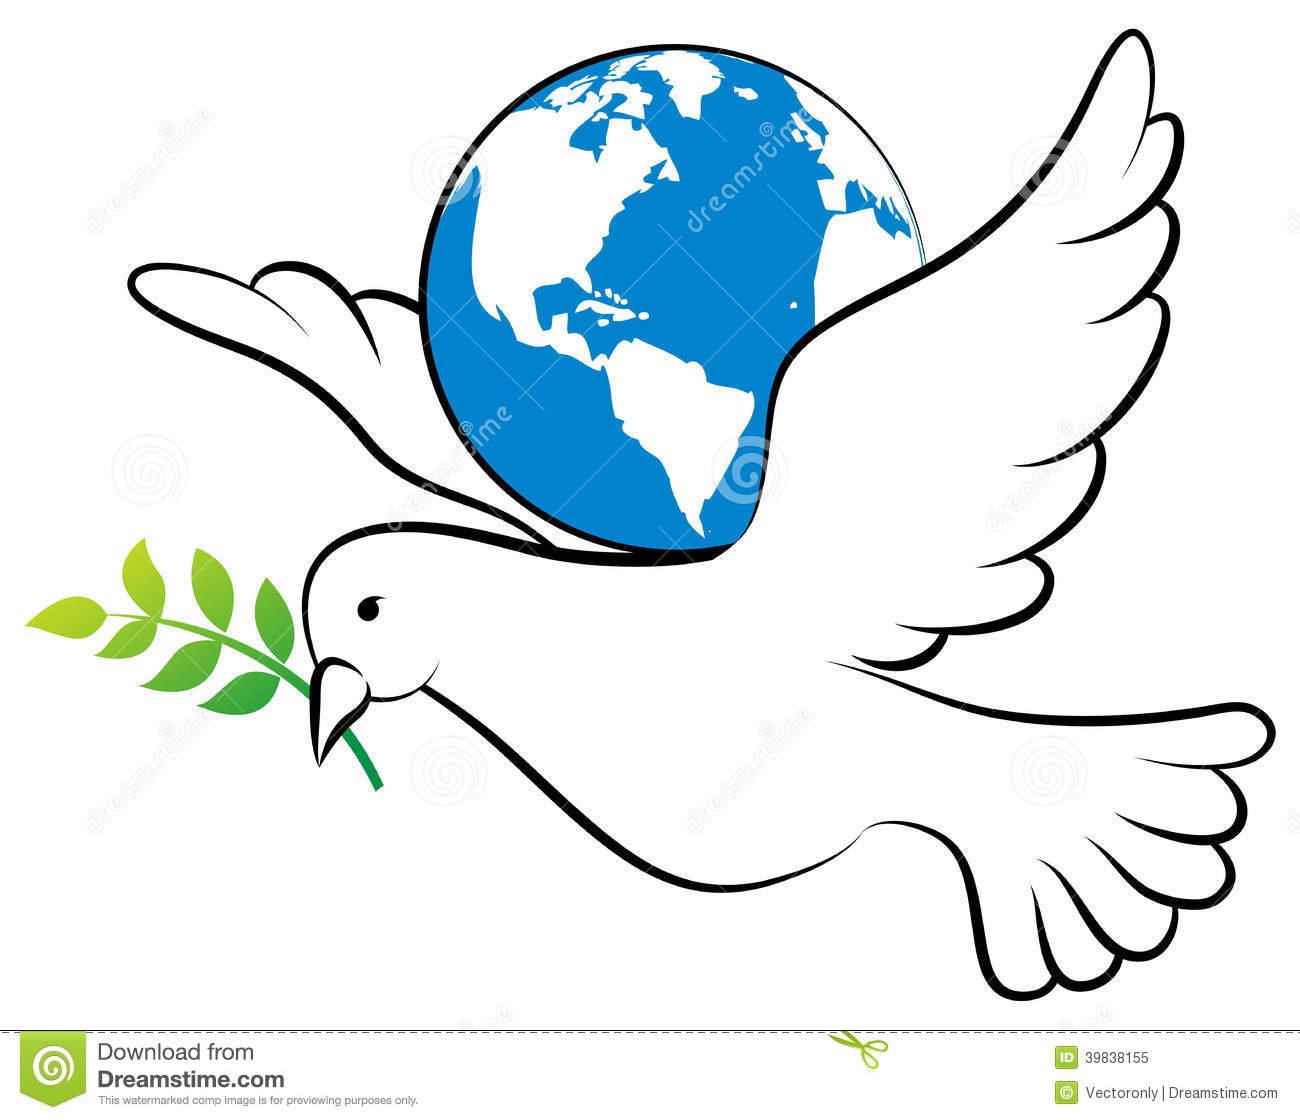 Рисунки на тему миру мир с голубями